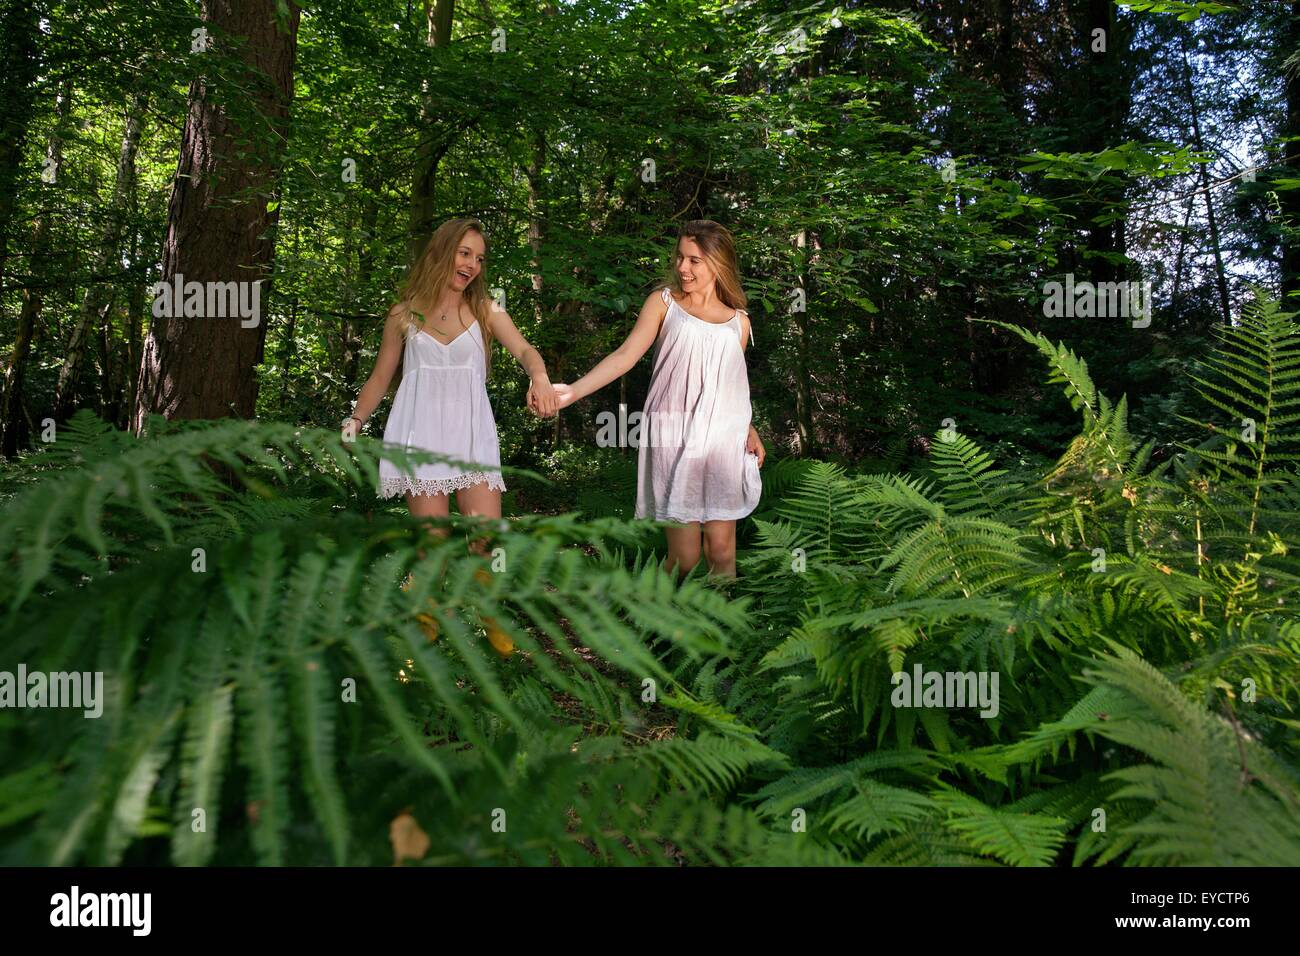 Zwei Mädchen im Teenageralter durch Wald, hand in hand gehen Stockbild